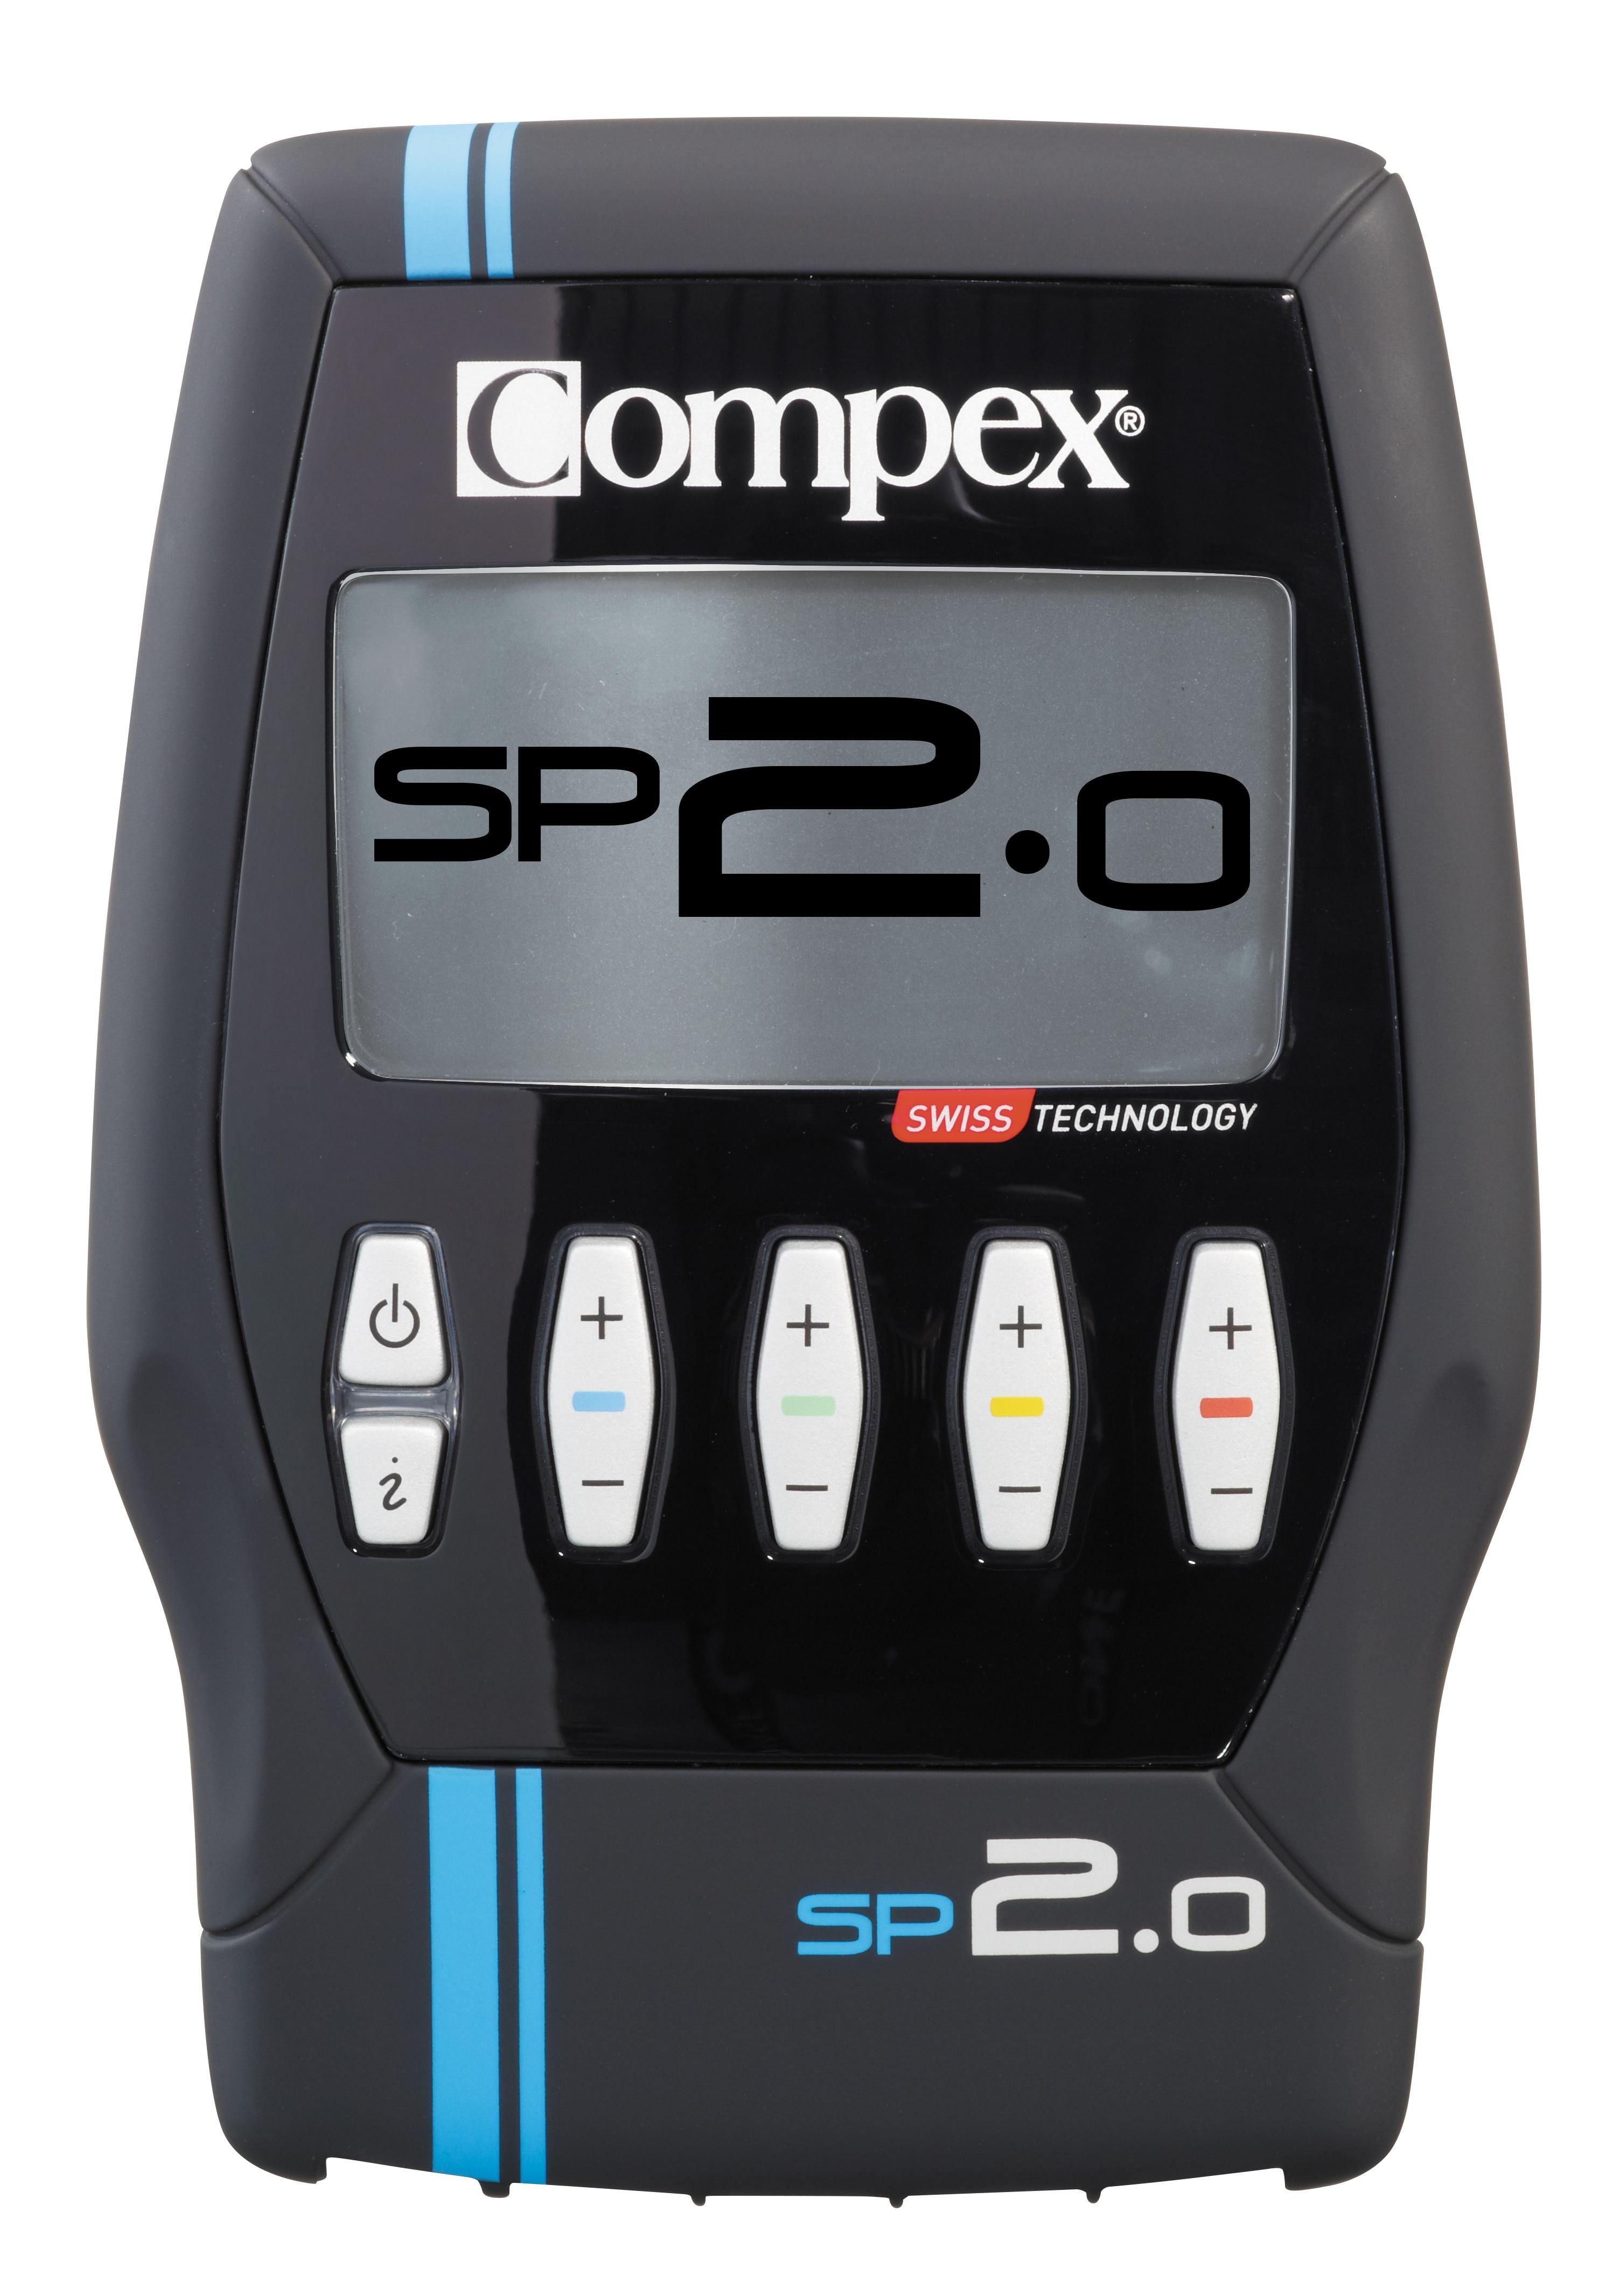 Compex Sport 2.0 zu 399 Euro - 20 Programme aus den 4 Kategorien Konditionsaufbau, Schmerzlinderung, Erholung/Massage und Fitness